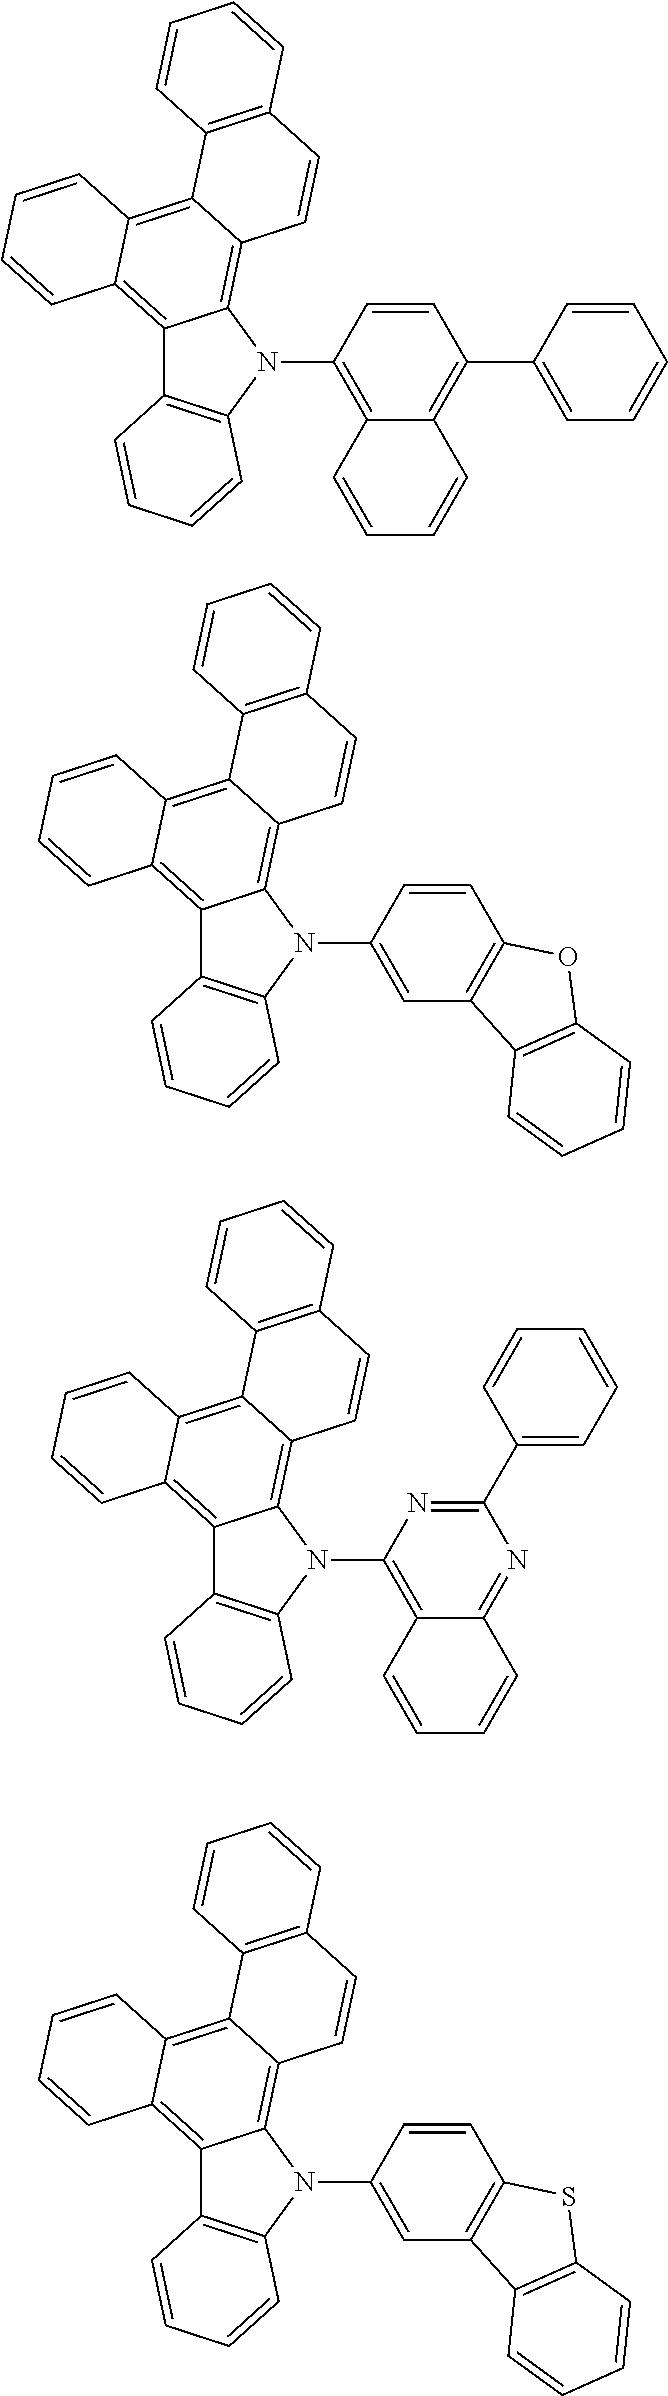 Figure US09837615-20171205-C00037